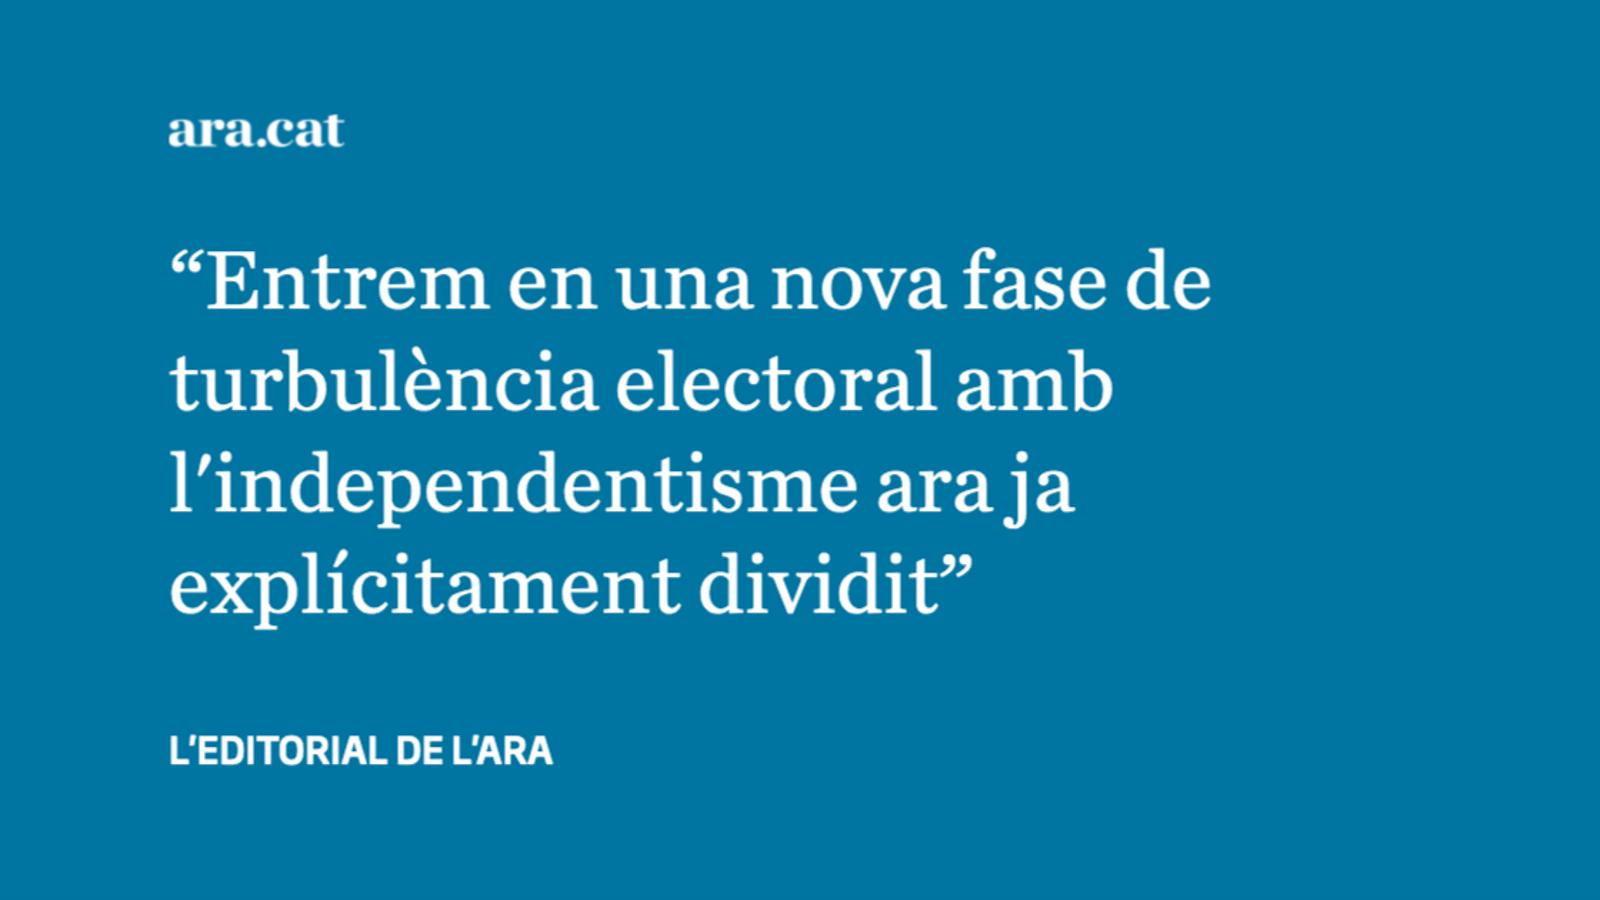 La divisió explícita de l'independentisme